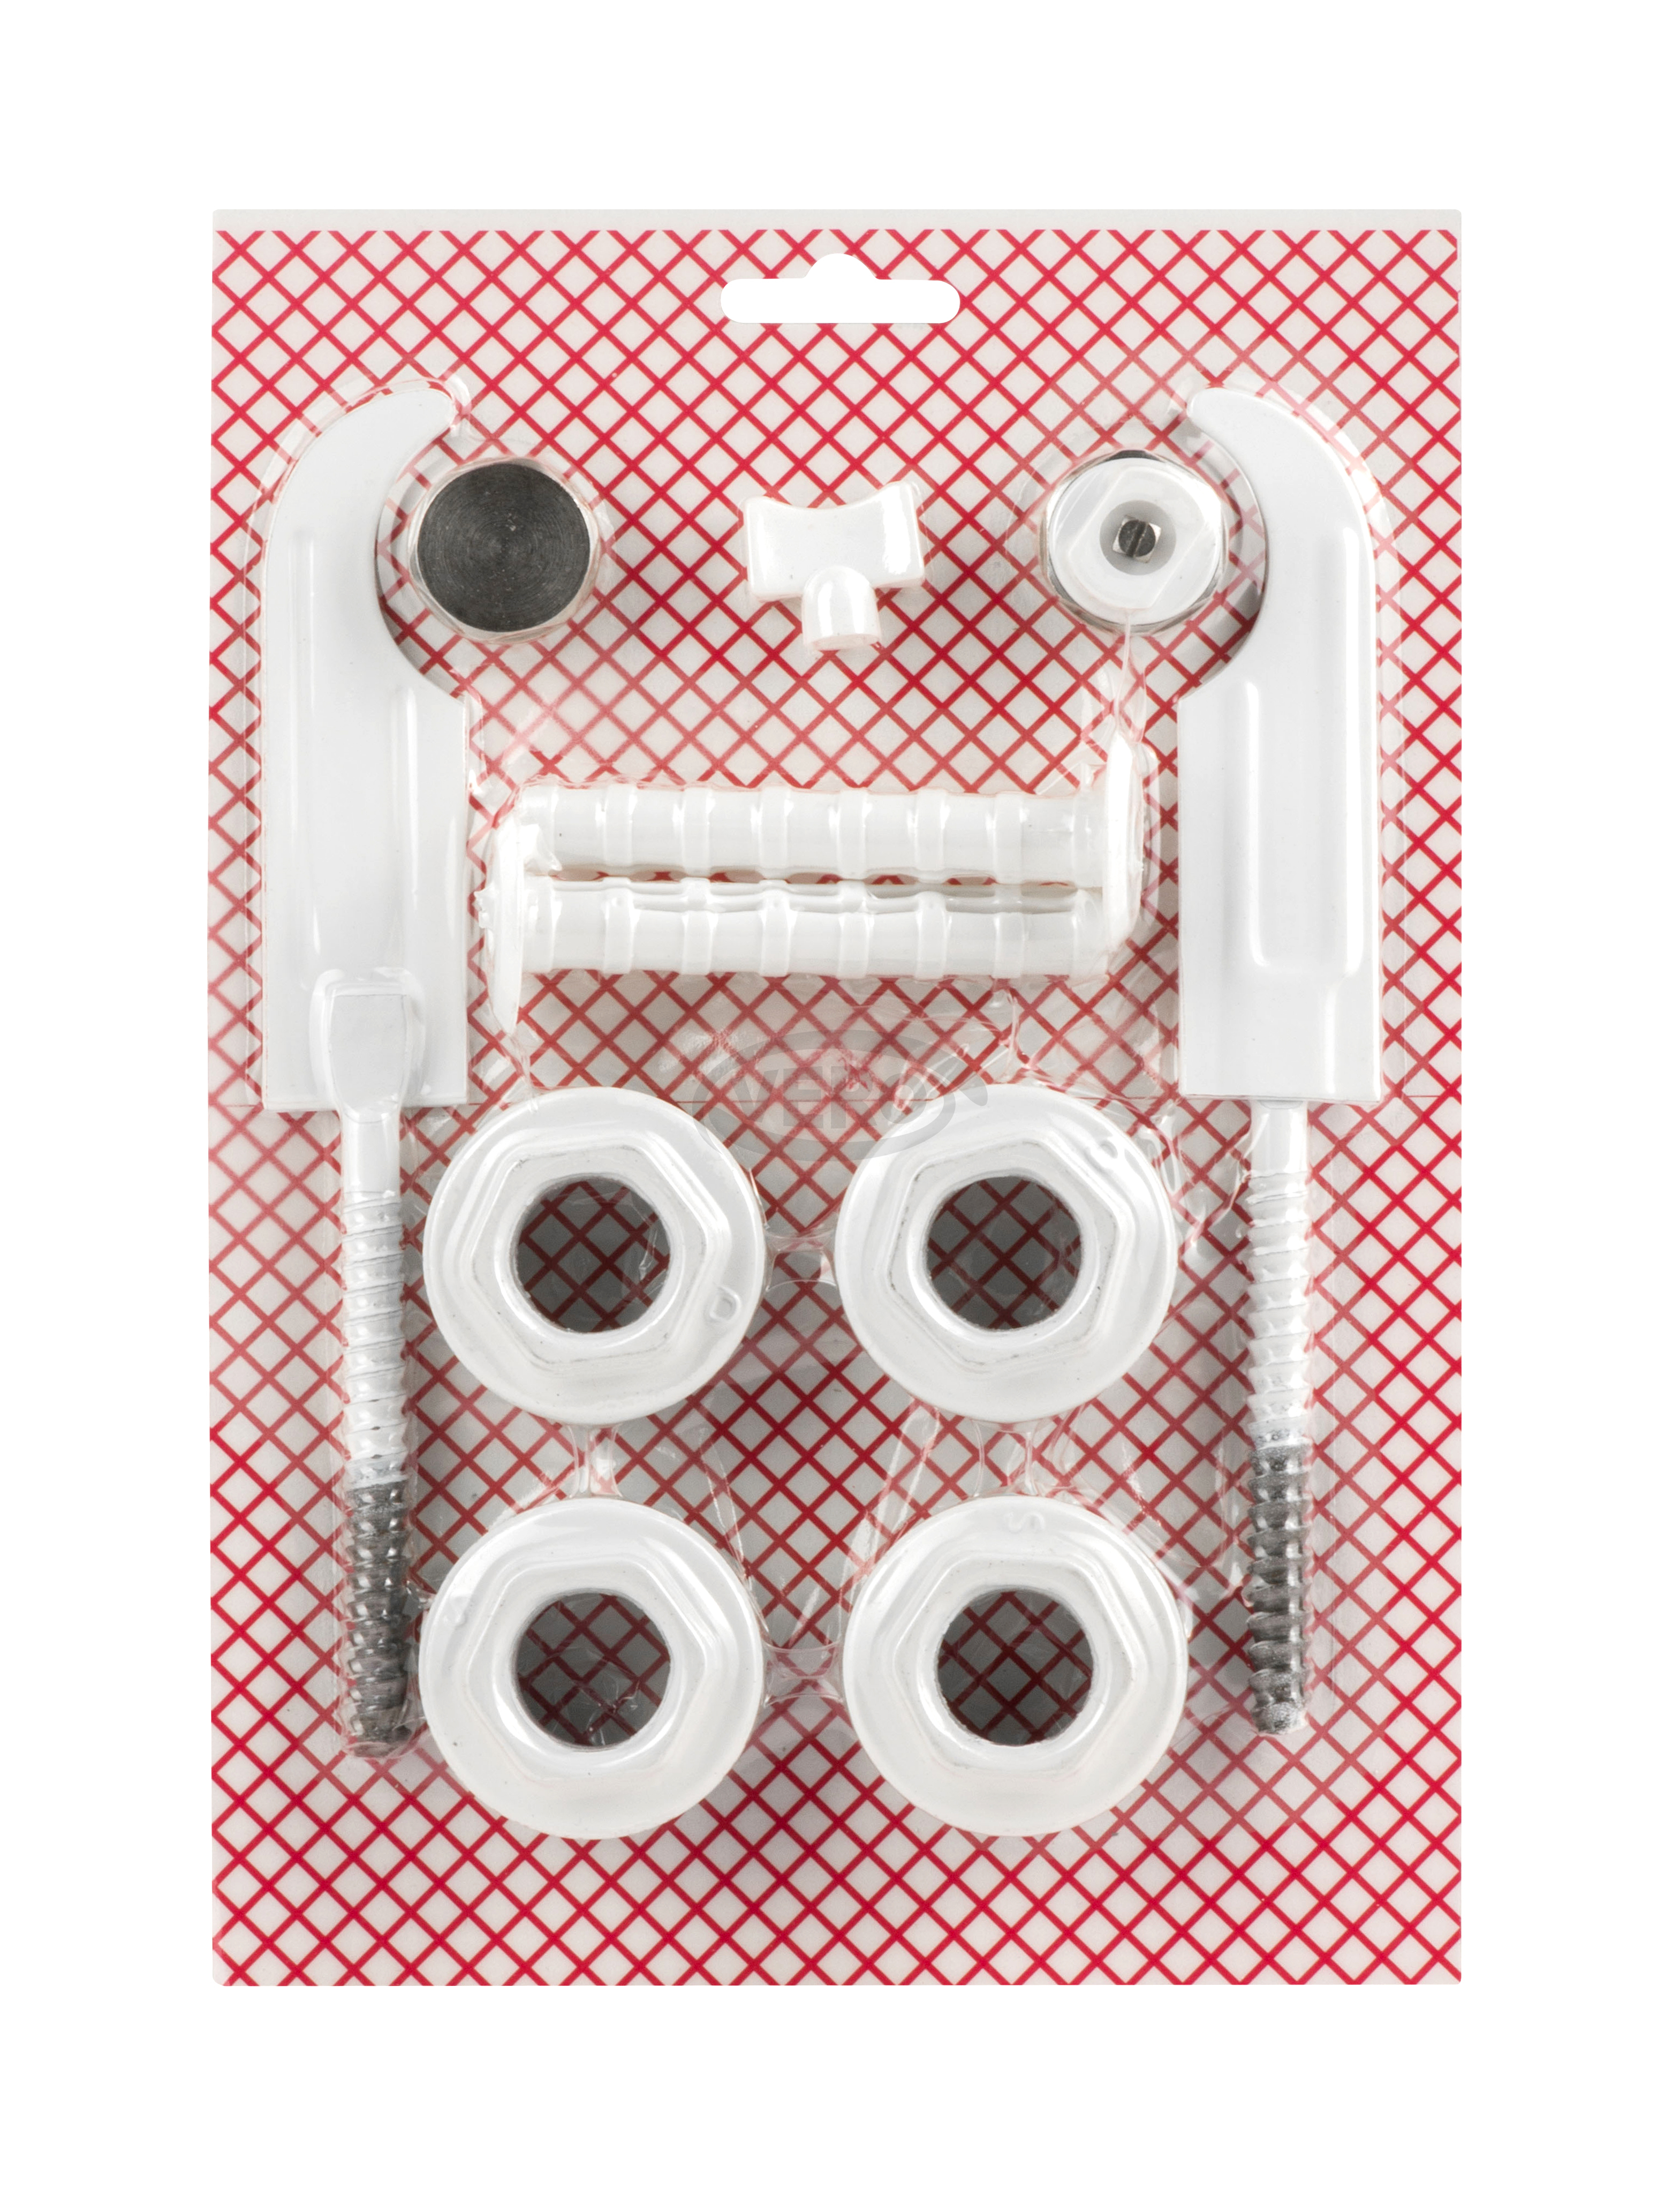 Pakiet Korków Grzejnikowych z Uszczelką Fibrową + Plastikowy kluczyk + Haki grzejnikowe